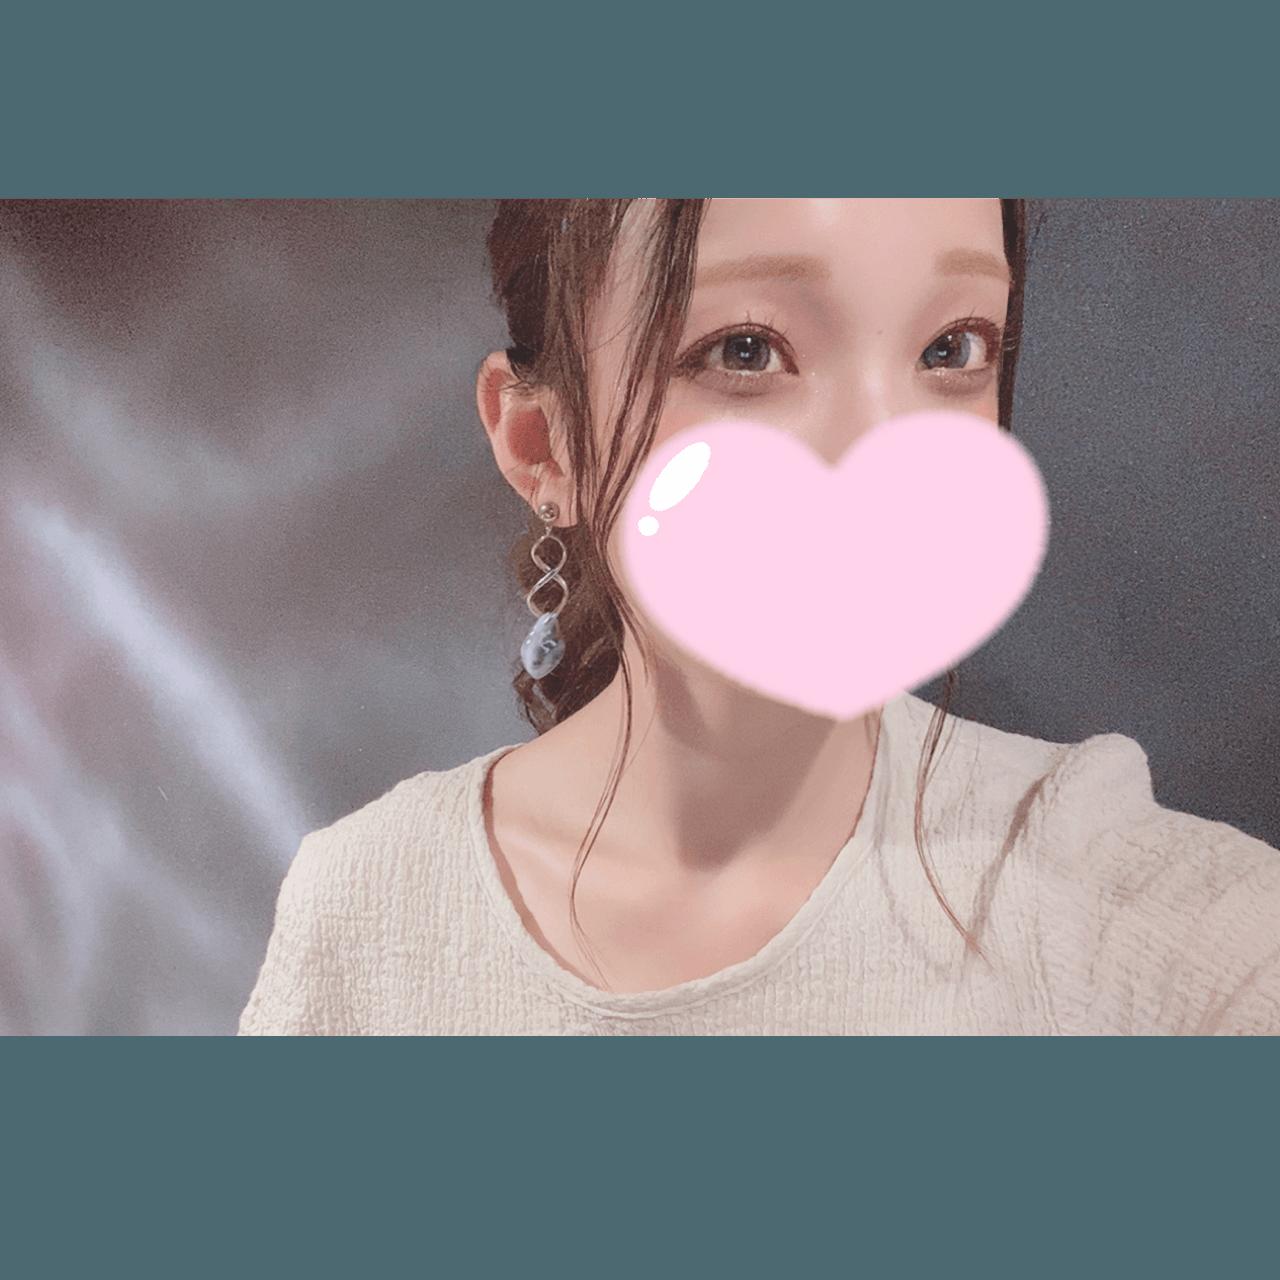 「おはよう( ???? )」07/09(木) 08:36 | ありえるの写メ・風俗動画